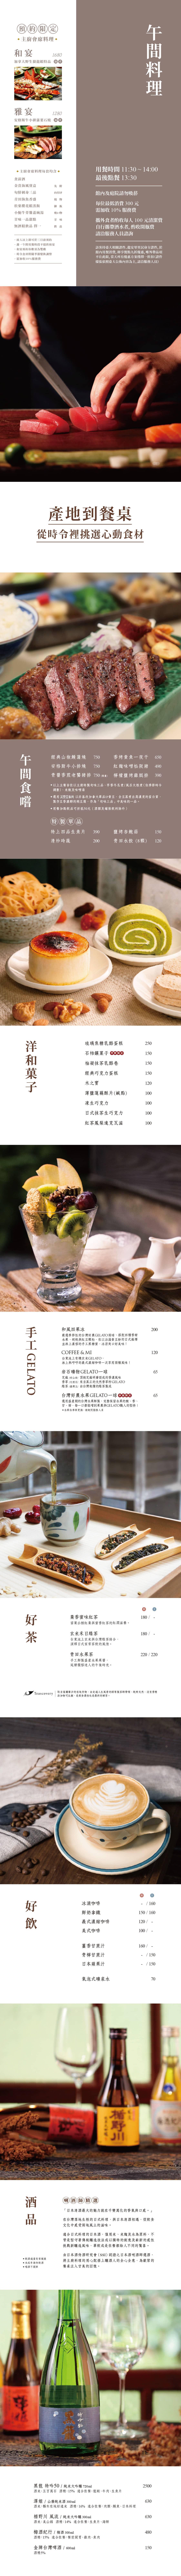 青田七六_菜單_午餐_202101